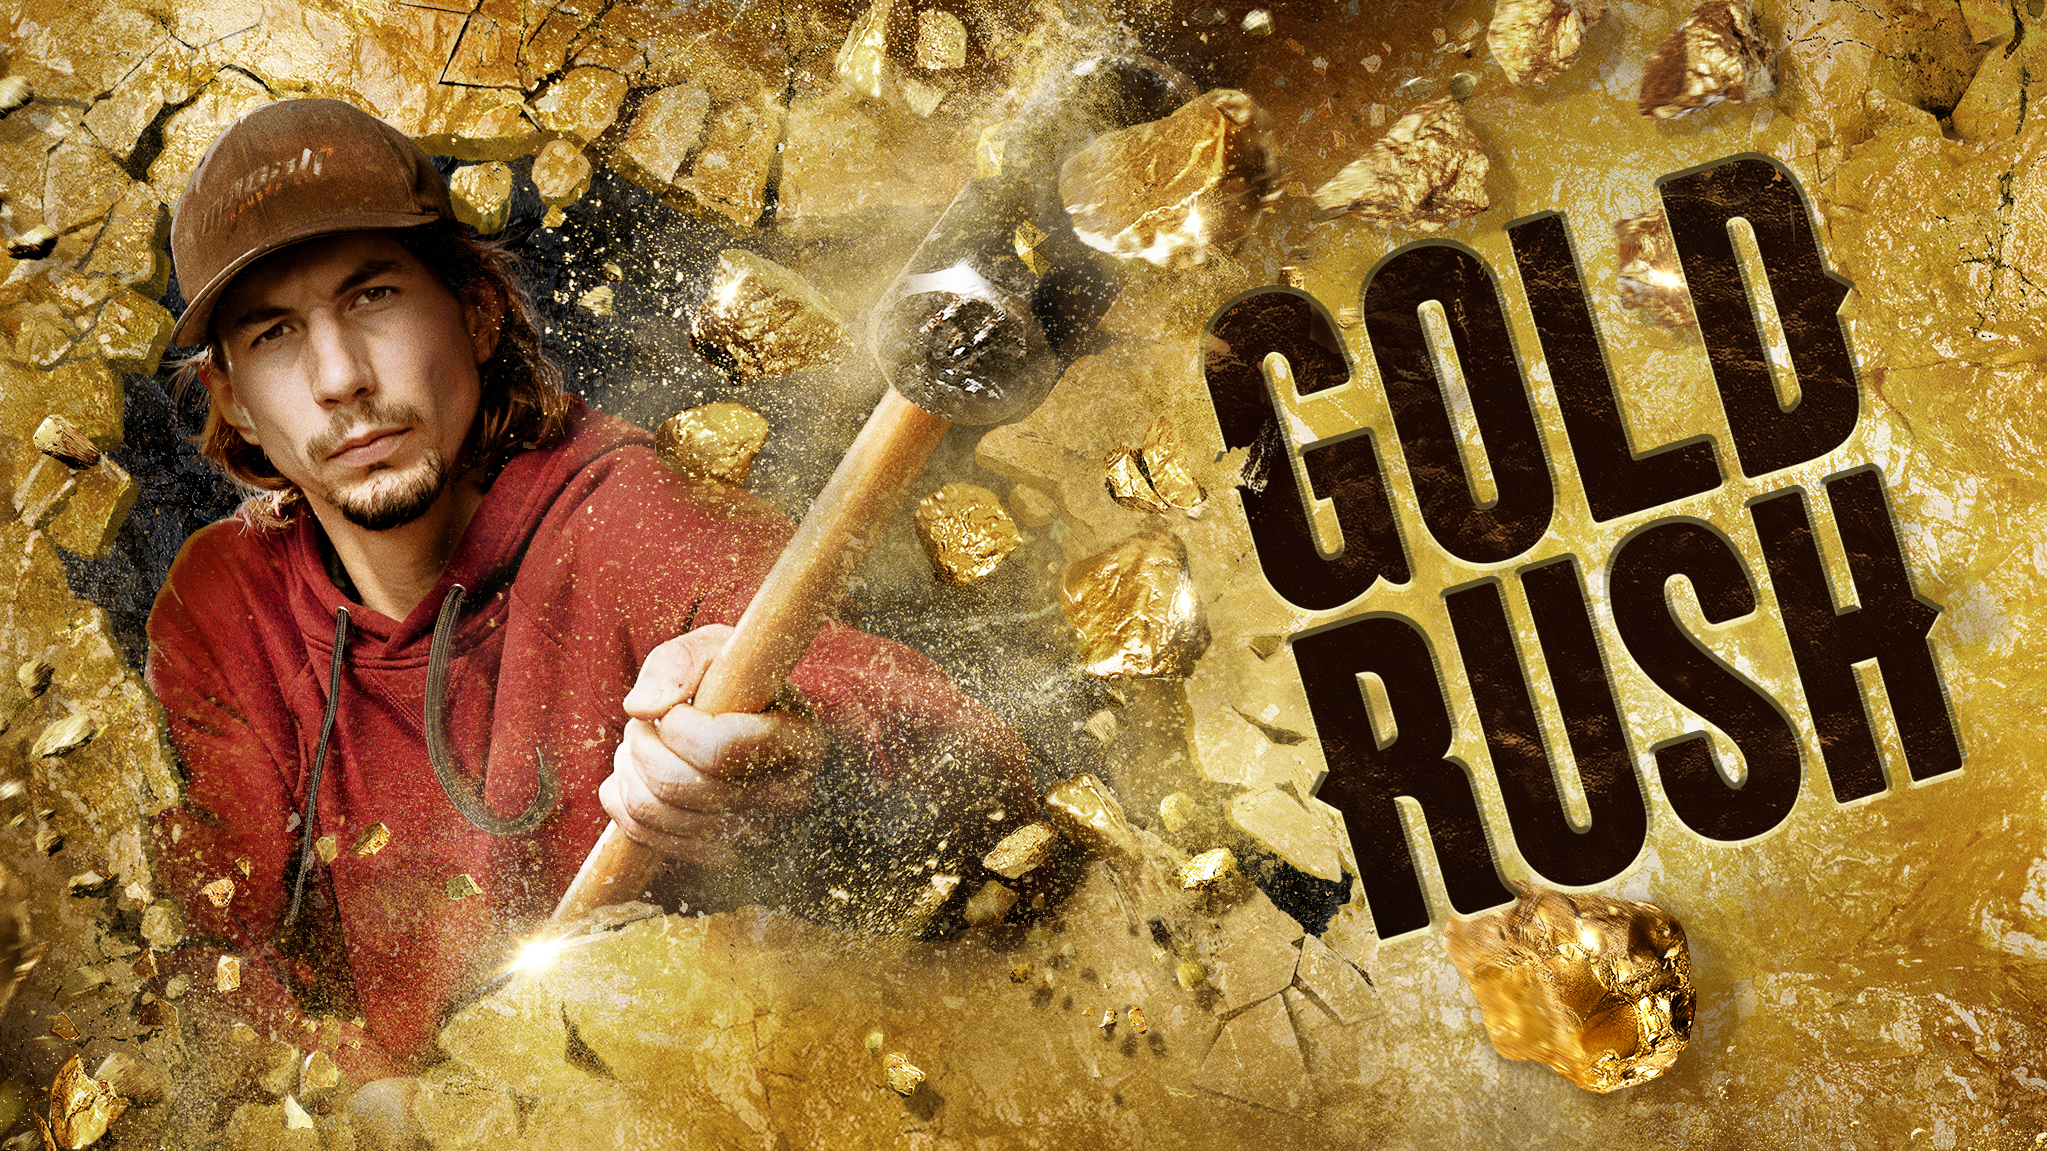 gold rush s08e20 online